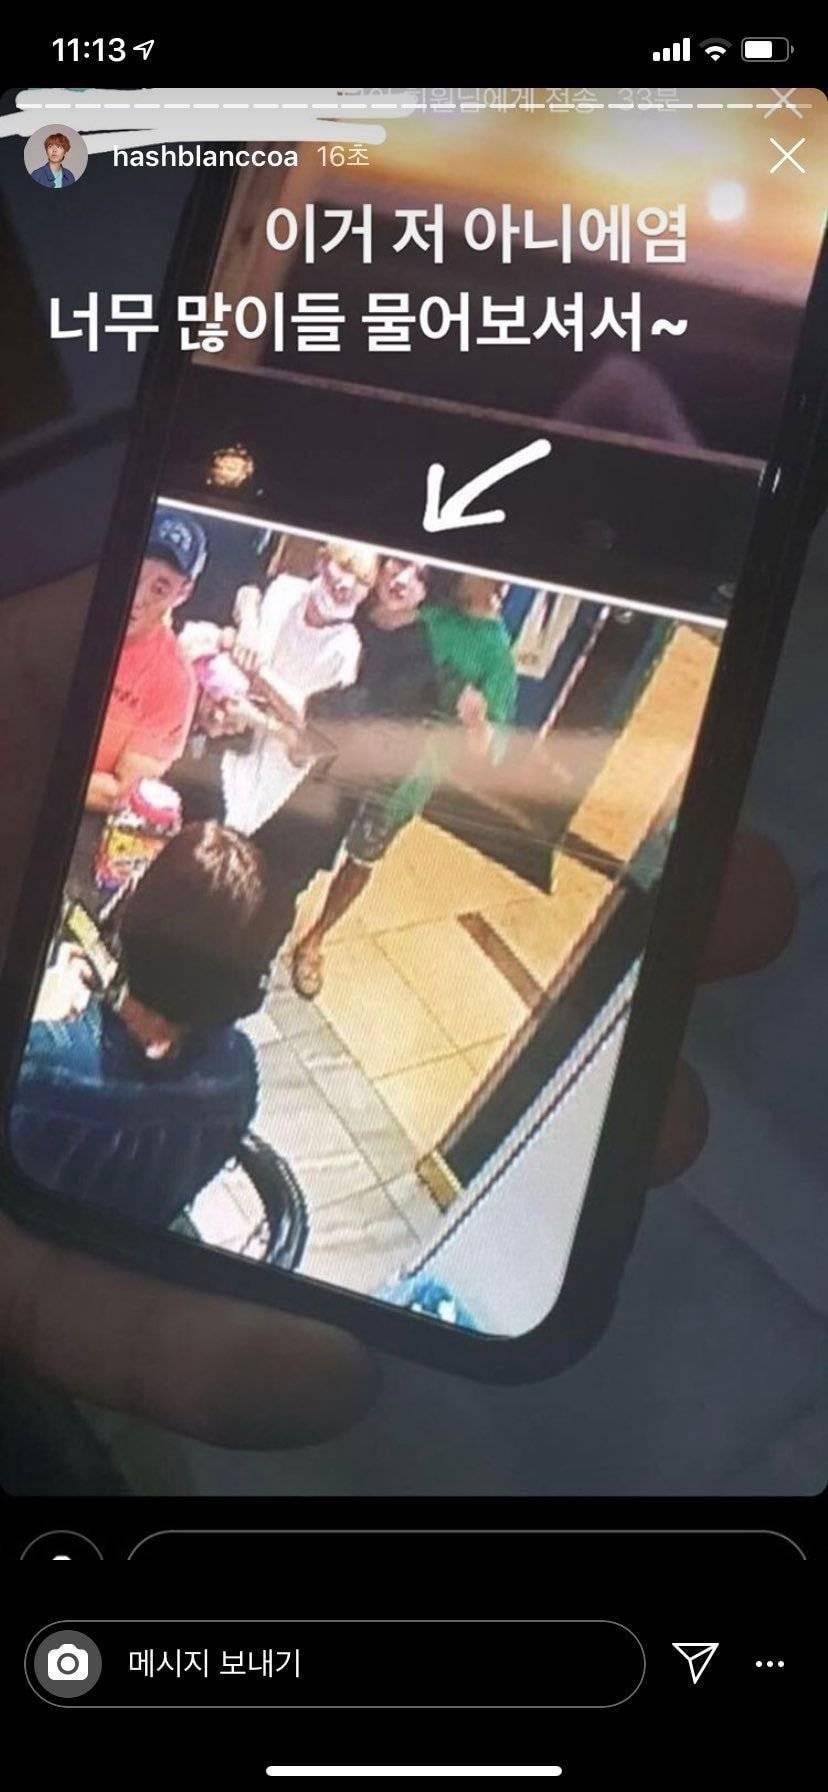 방탄소년단 정국이 여자를 백허그한 사진이 쏘아올린 공.jpg | 인스티즈